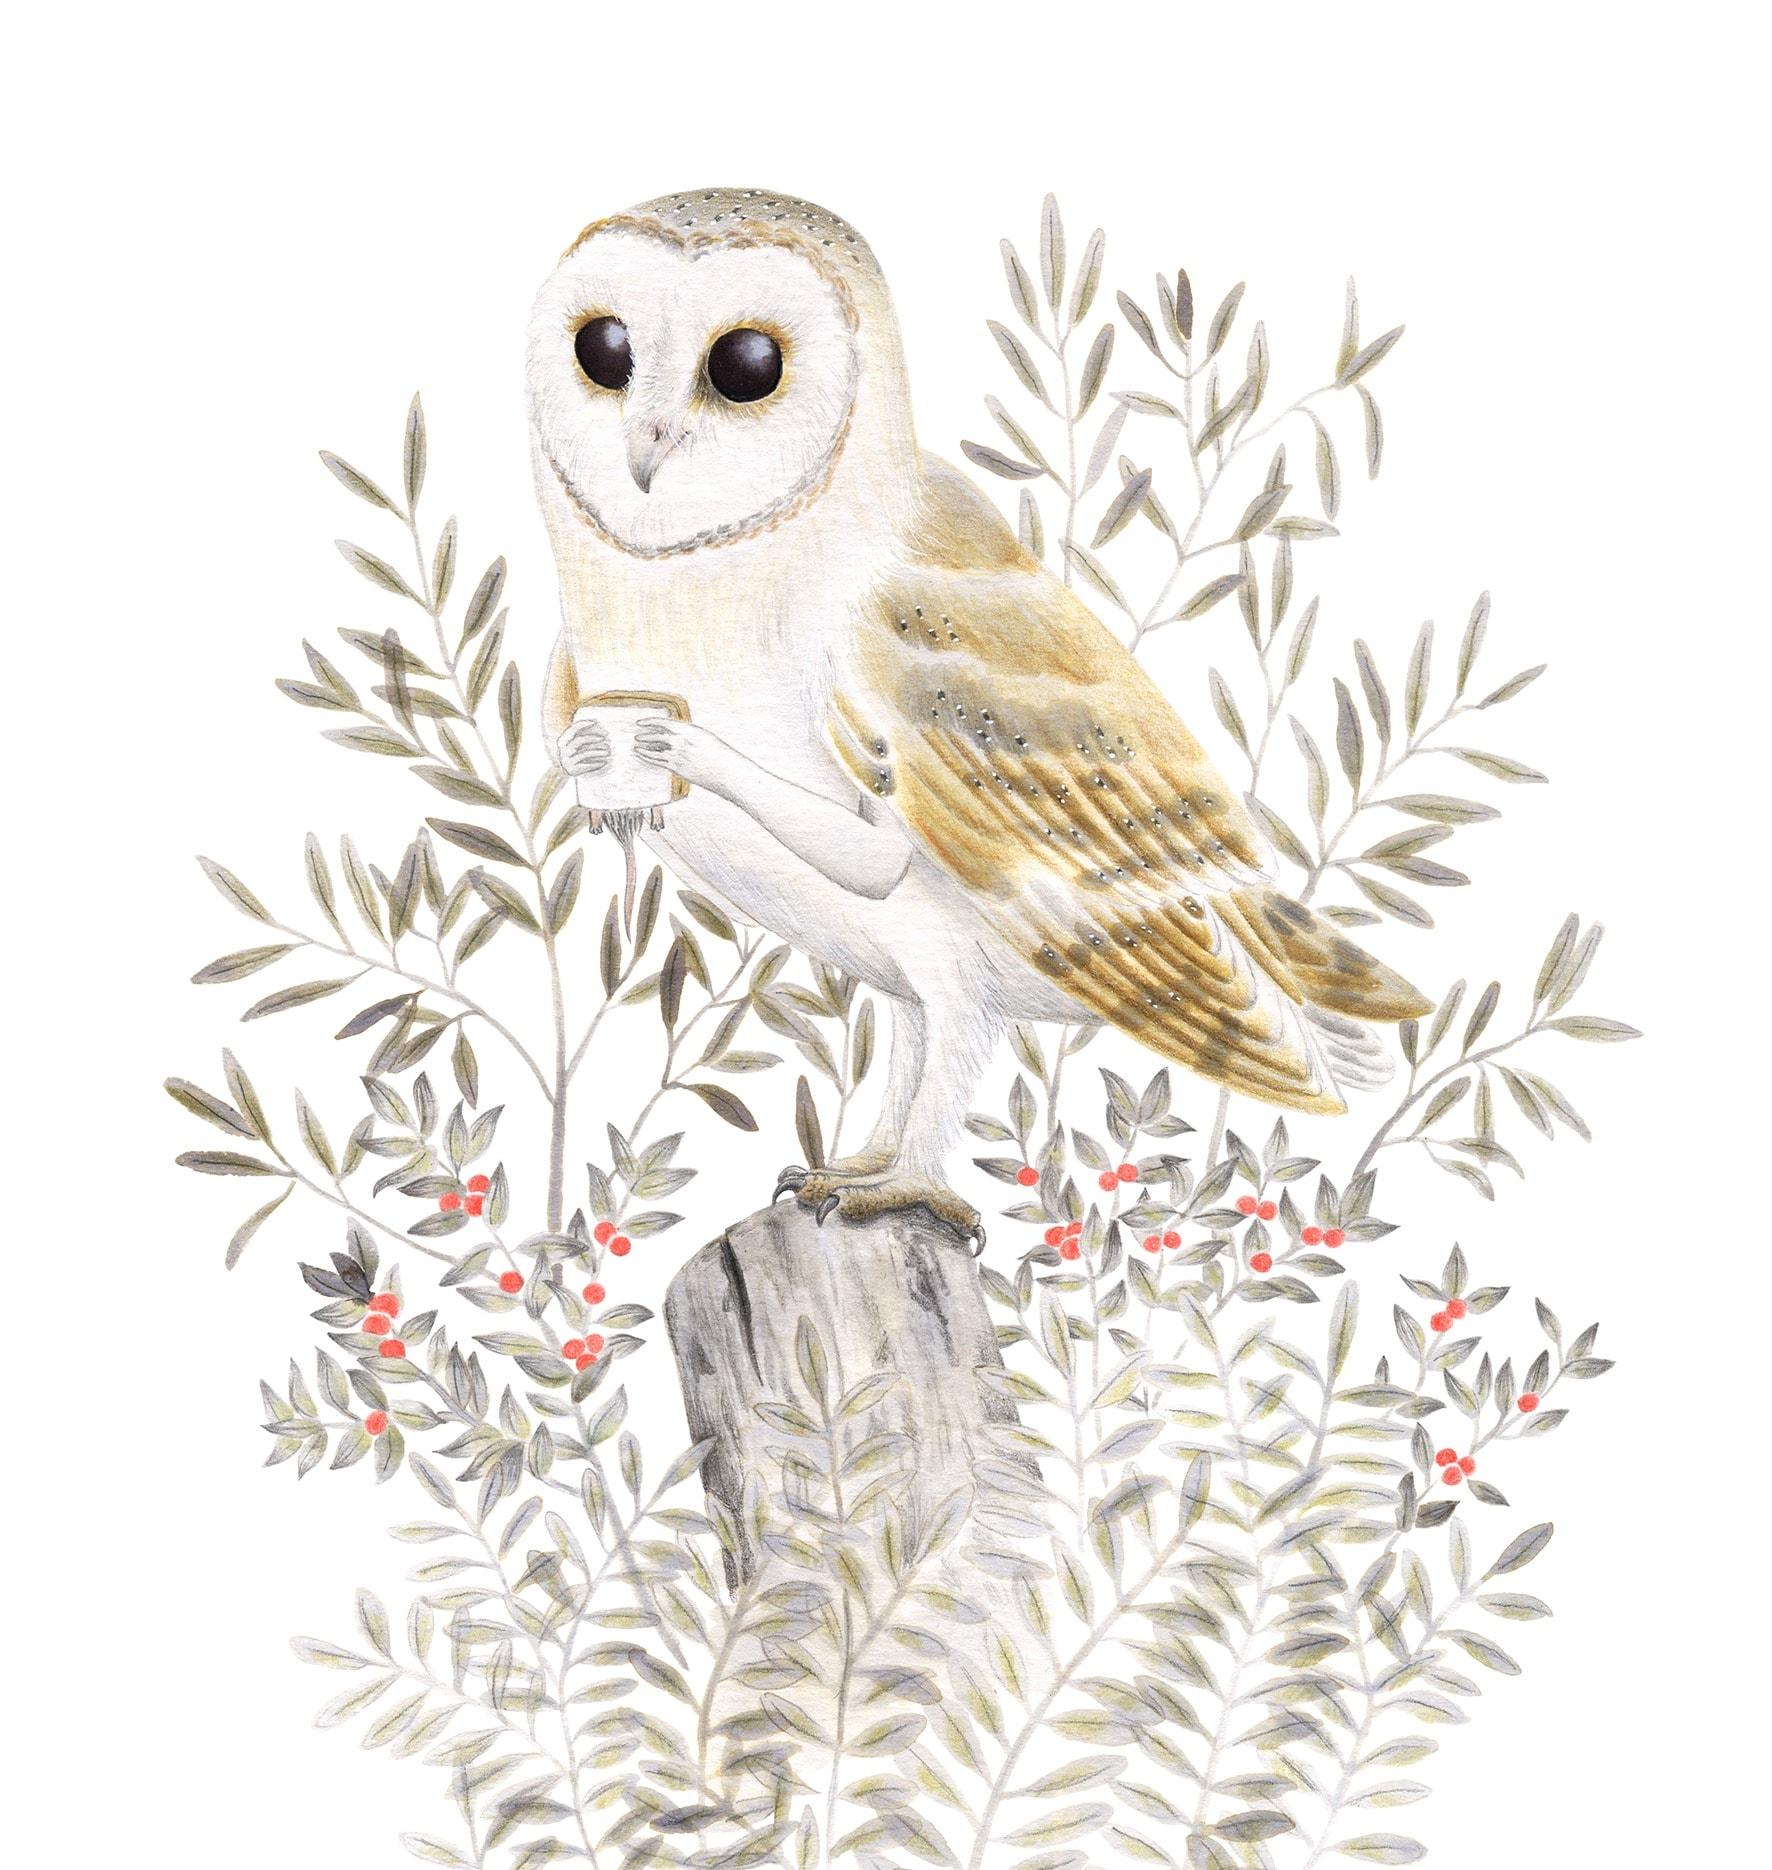 Lechuza común, Tyto alba, ilustración de aves, ilustración de lechuza, dibujo de lechuza, barn owl, owl illustration, lechuza comiendo, ilustración de naturaleza, ilustración de animales, ilustración de rapaces nocturnas,